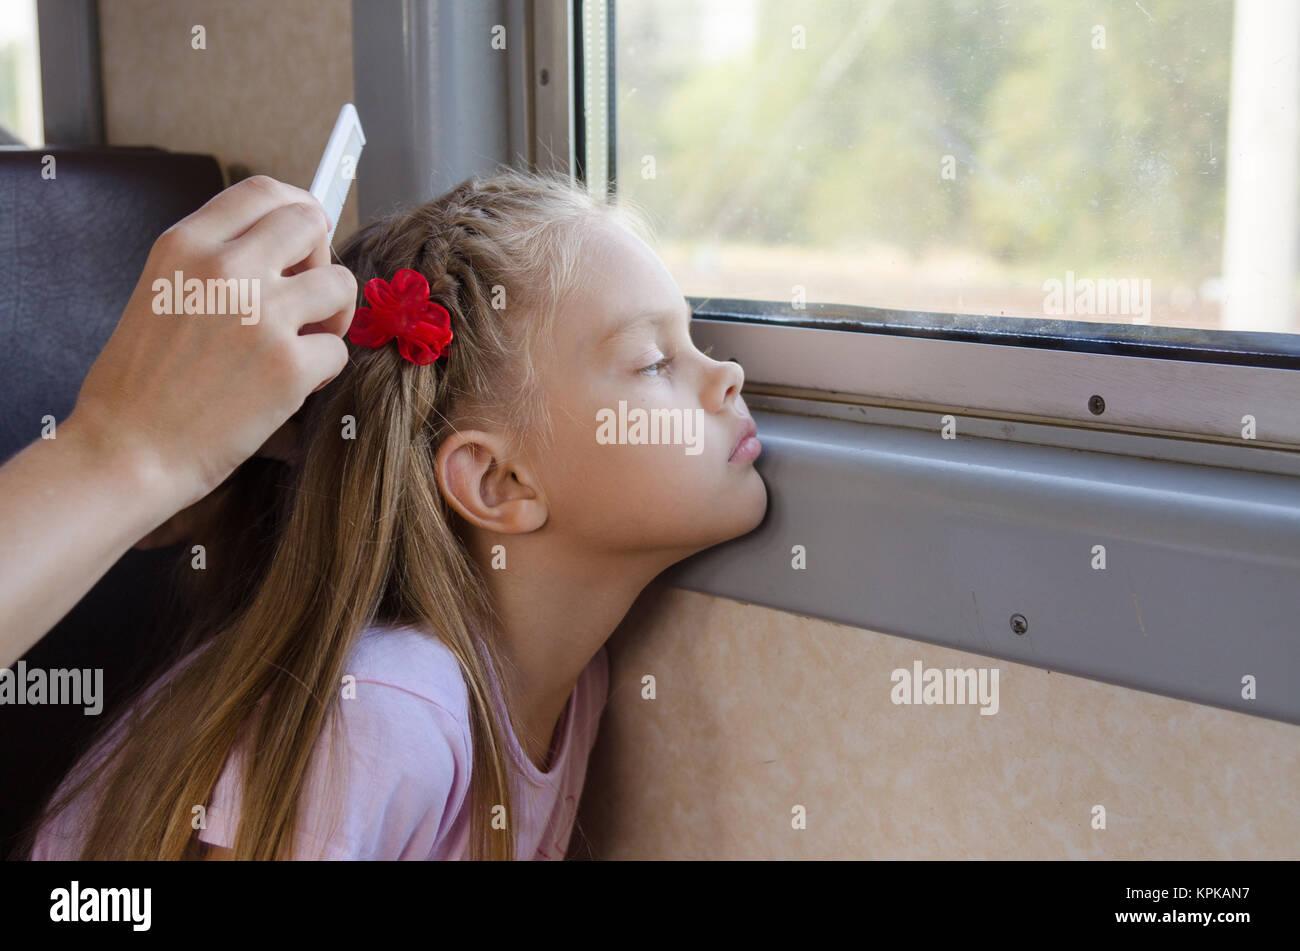 Картинки причесок в поезд